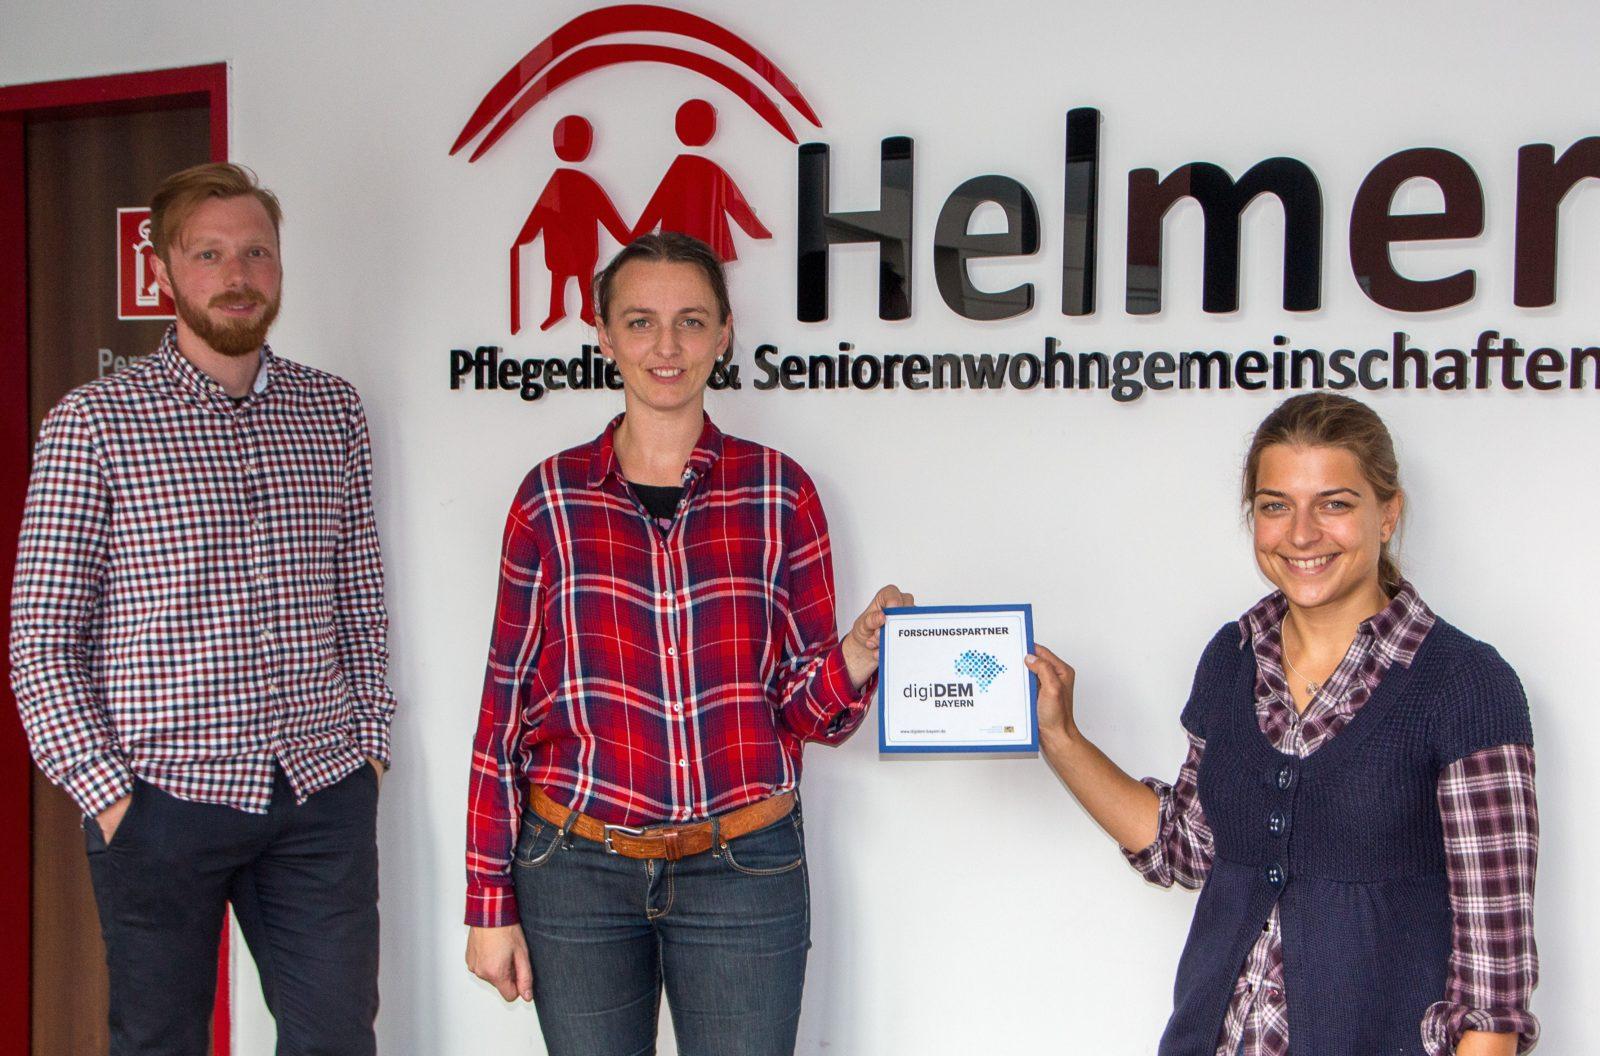 Sabine Helmer (M.) mit Sebastian Meuer und Christina Chmelirsch von digiDEM Bayern